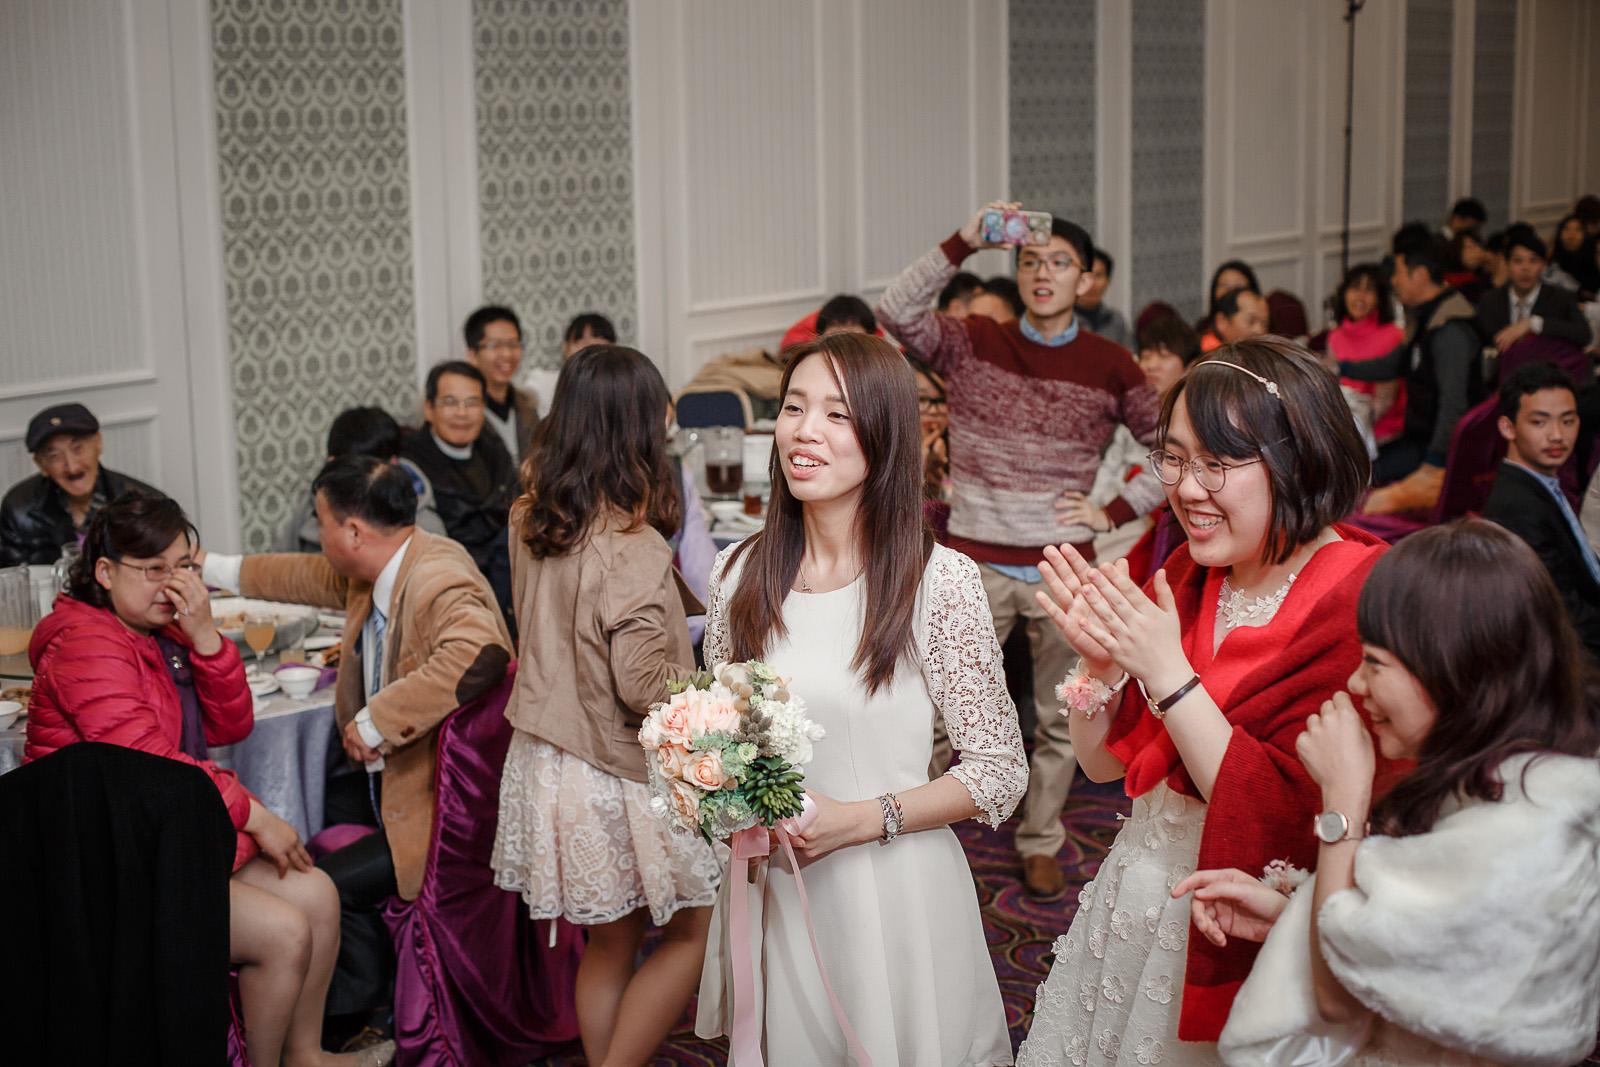 高雄圓山飯店,婚禮攝影,婚攝,高雄婚攝,優質婚攝推薦,Jen&Ethan-306